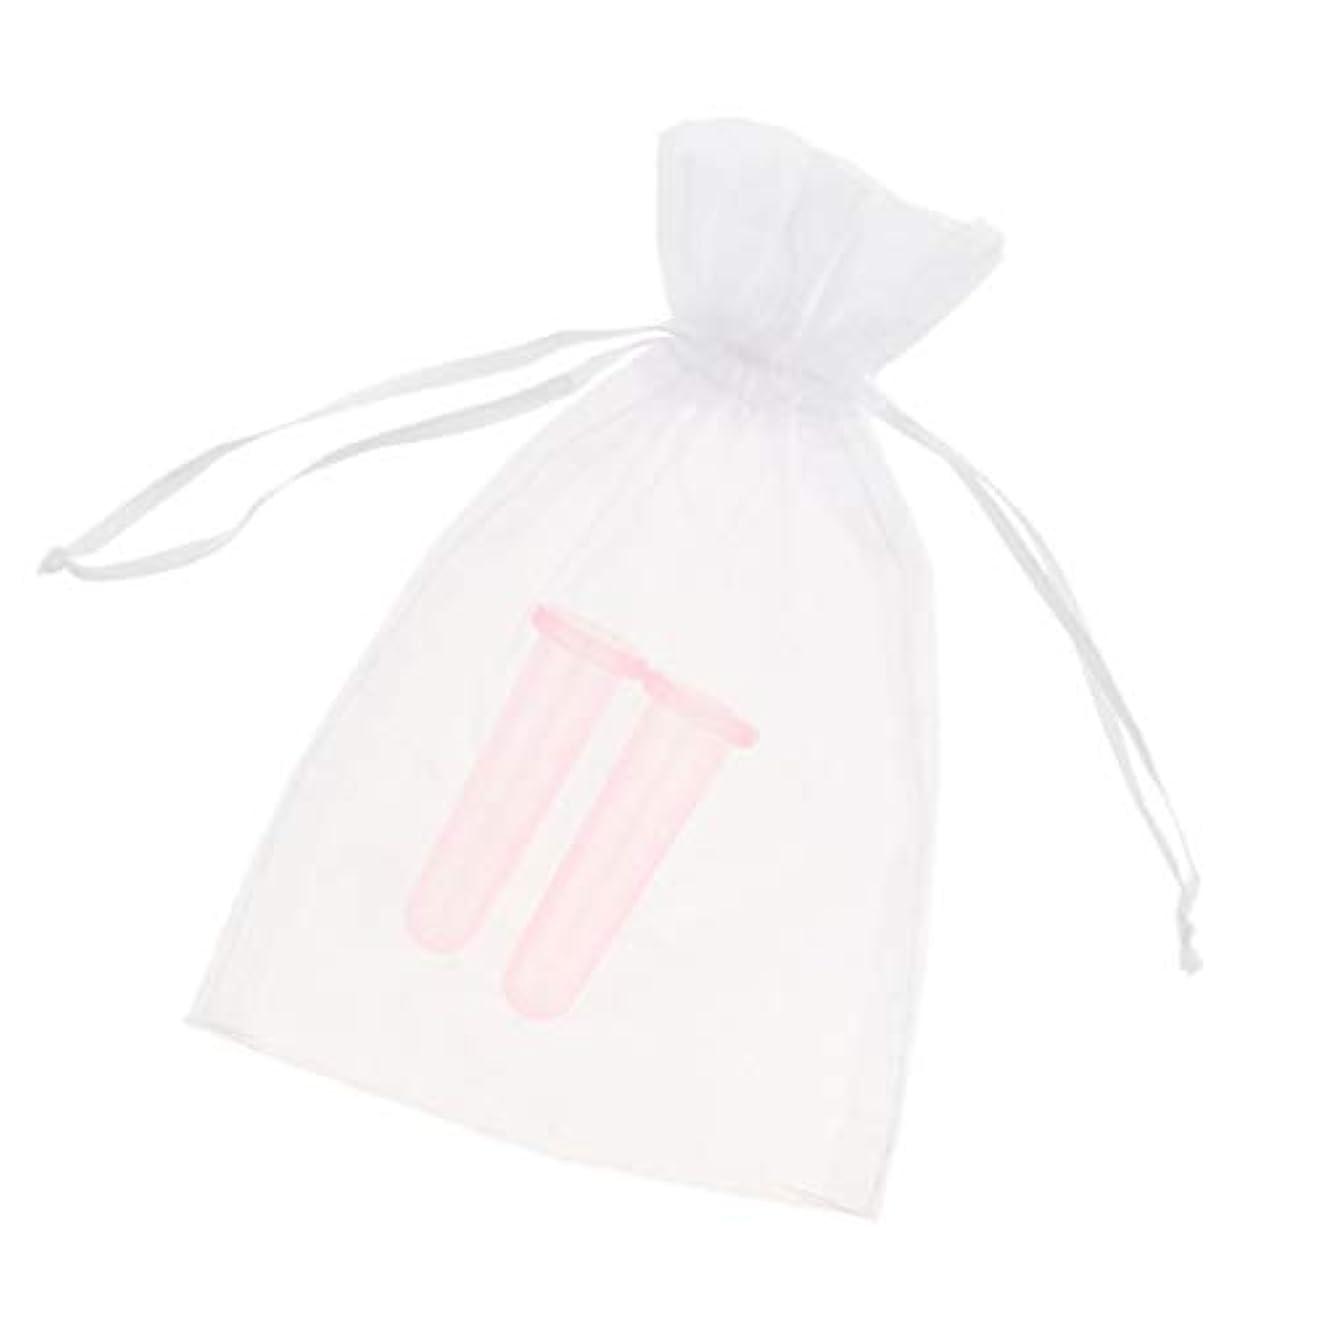 脱獄赤外線ビートF Fityle 全2色 シリコーン製 真空 顔用マッサージ カッピング 吸い玉カップ カッピング 収納ポーチ付き 2個 - ピンク